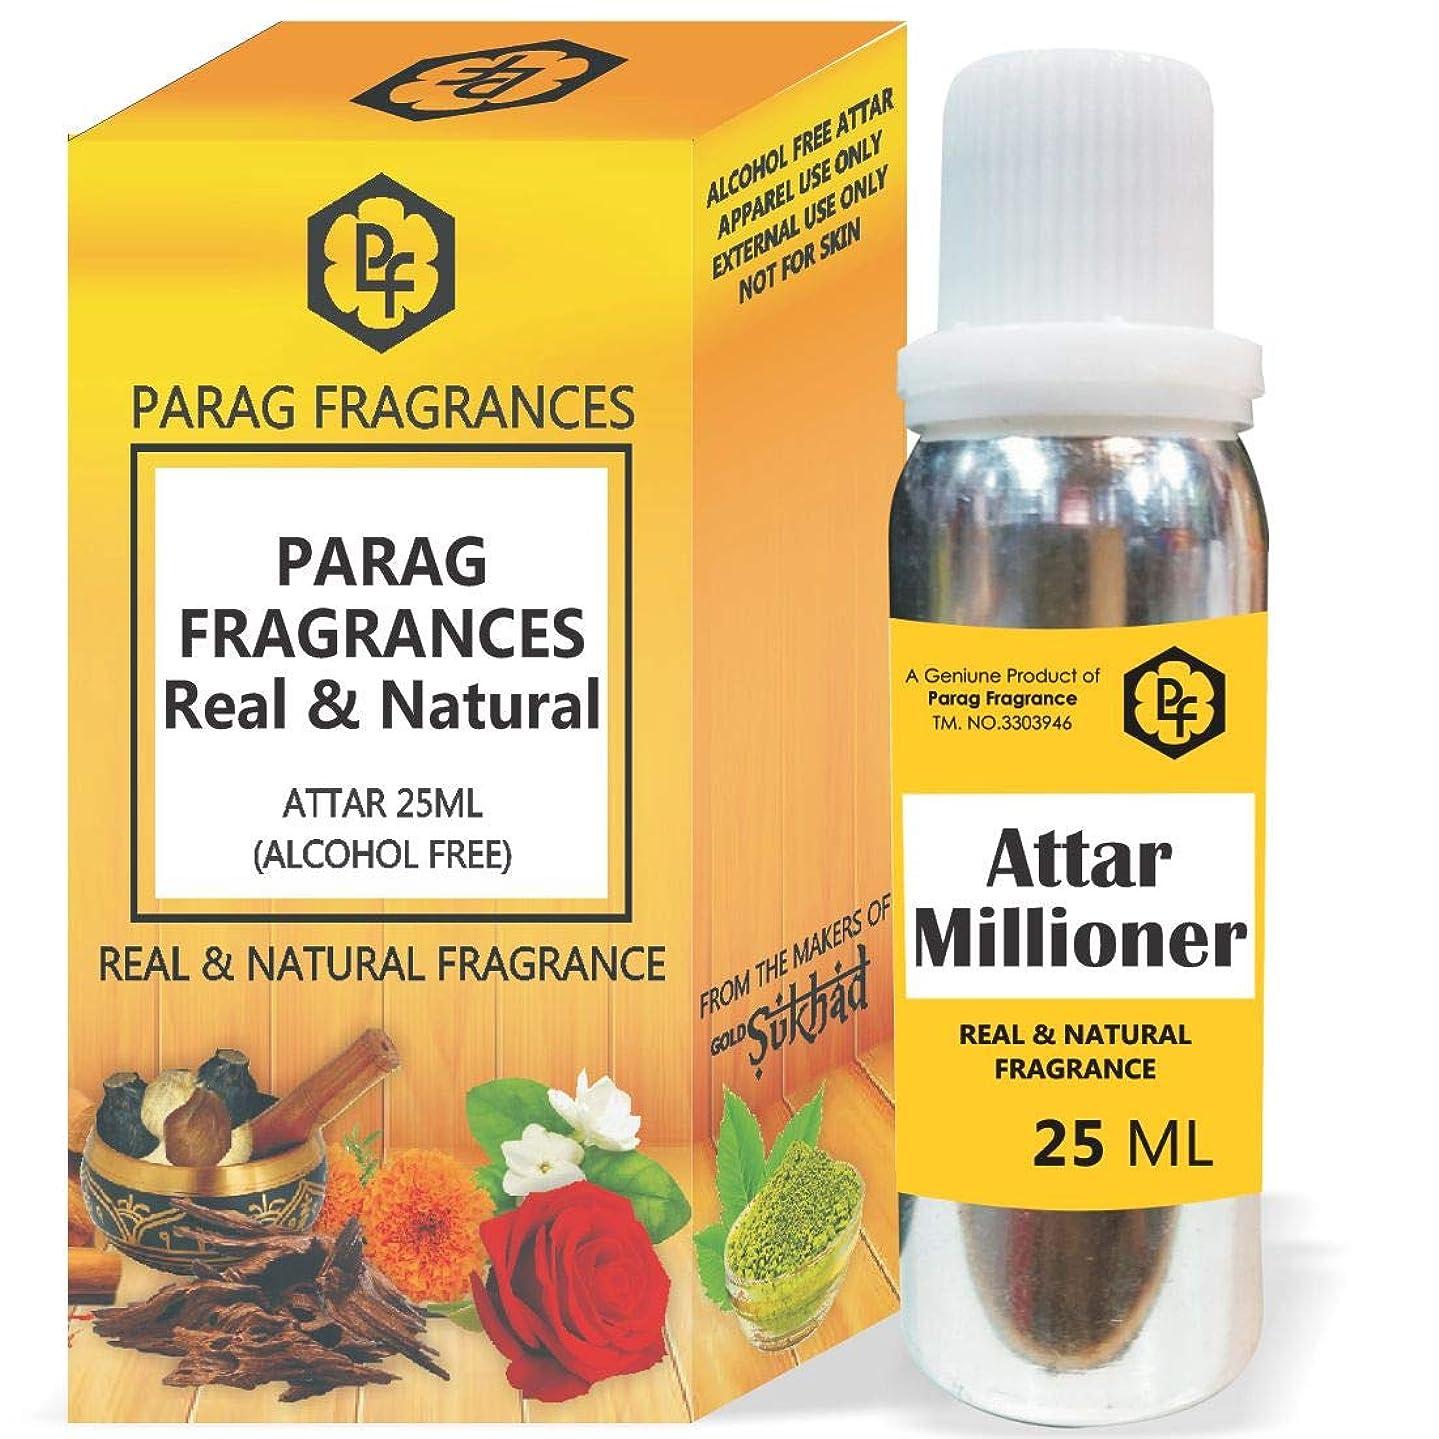 複合ブル惨めな50/100/200/500パックでファンシー空き瓶(アルコールフリー、ロングラスティング、自然アター)でParagフレグランス25ミリリットルMillionerアターも利用可能